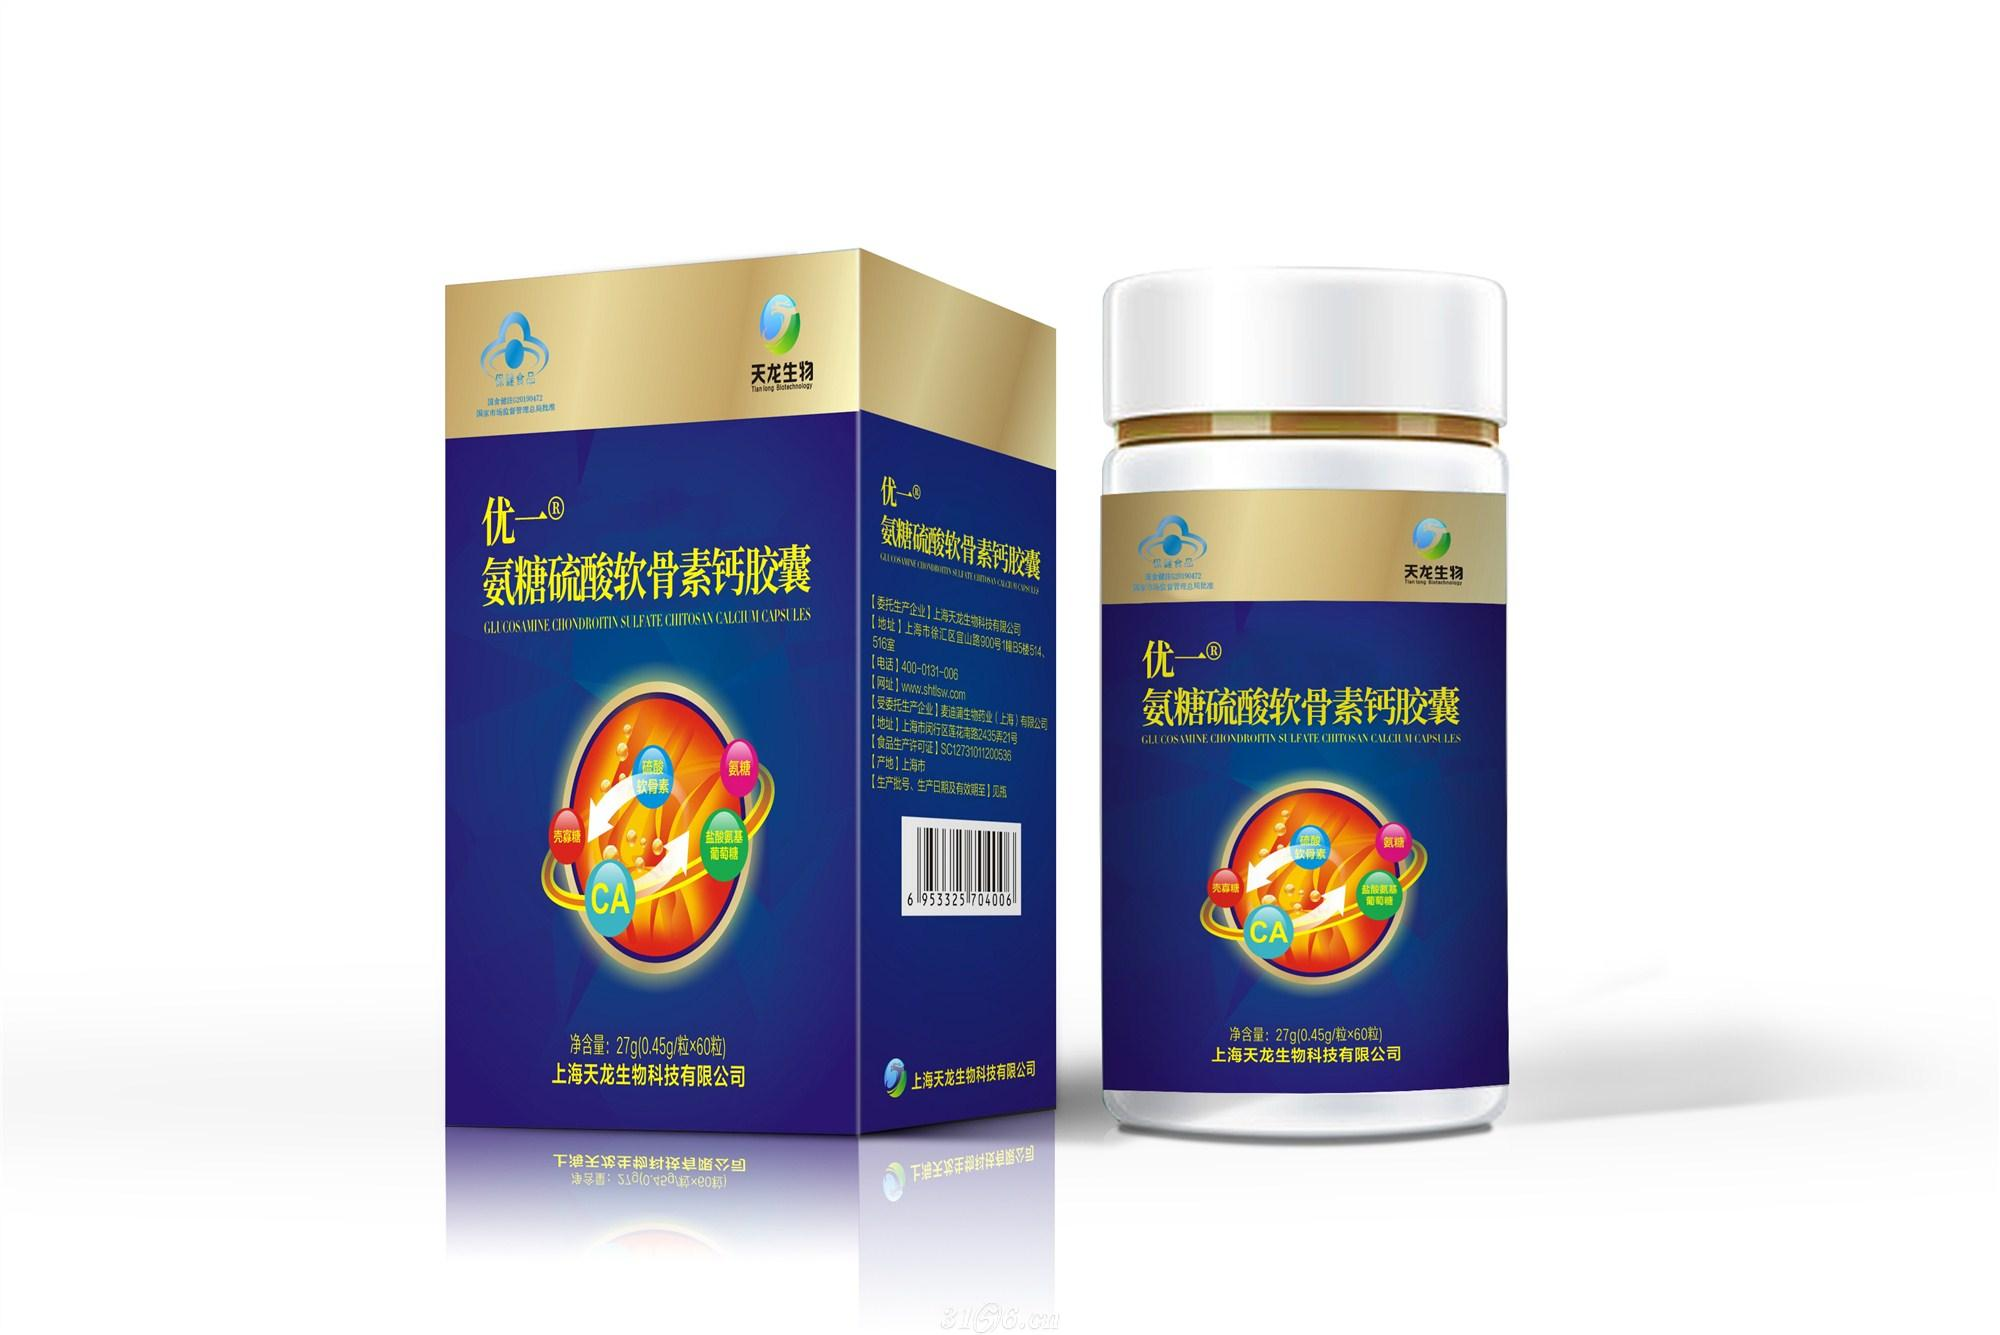 优一®氨糖硫酸软骨素钙胶囊(6瓶装)增加骨密度 蓝帽新品